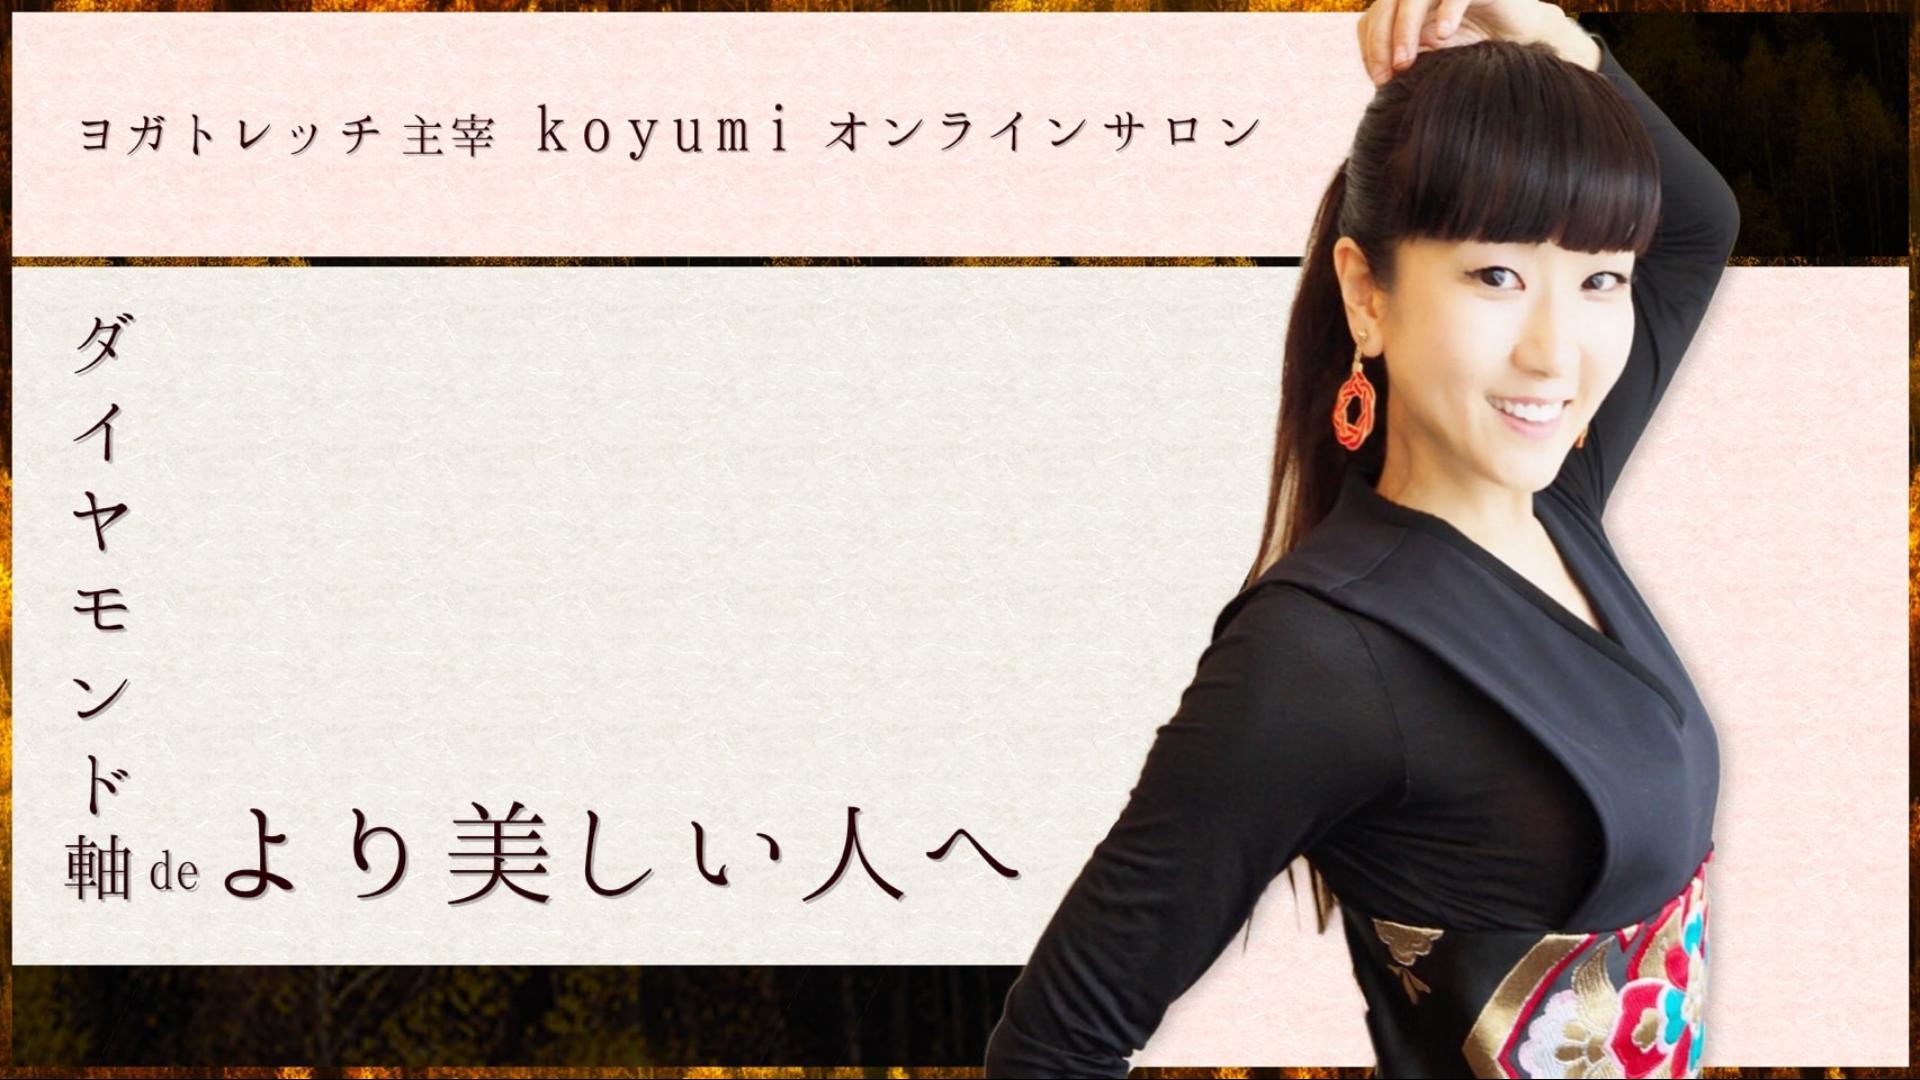 ダイヤモンド軸deますます美しく☆koyumi☆オンラインサロン